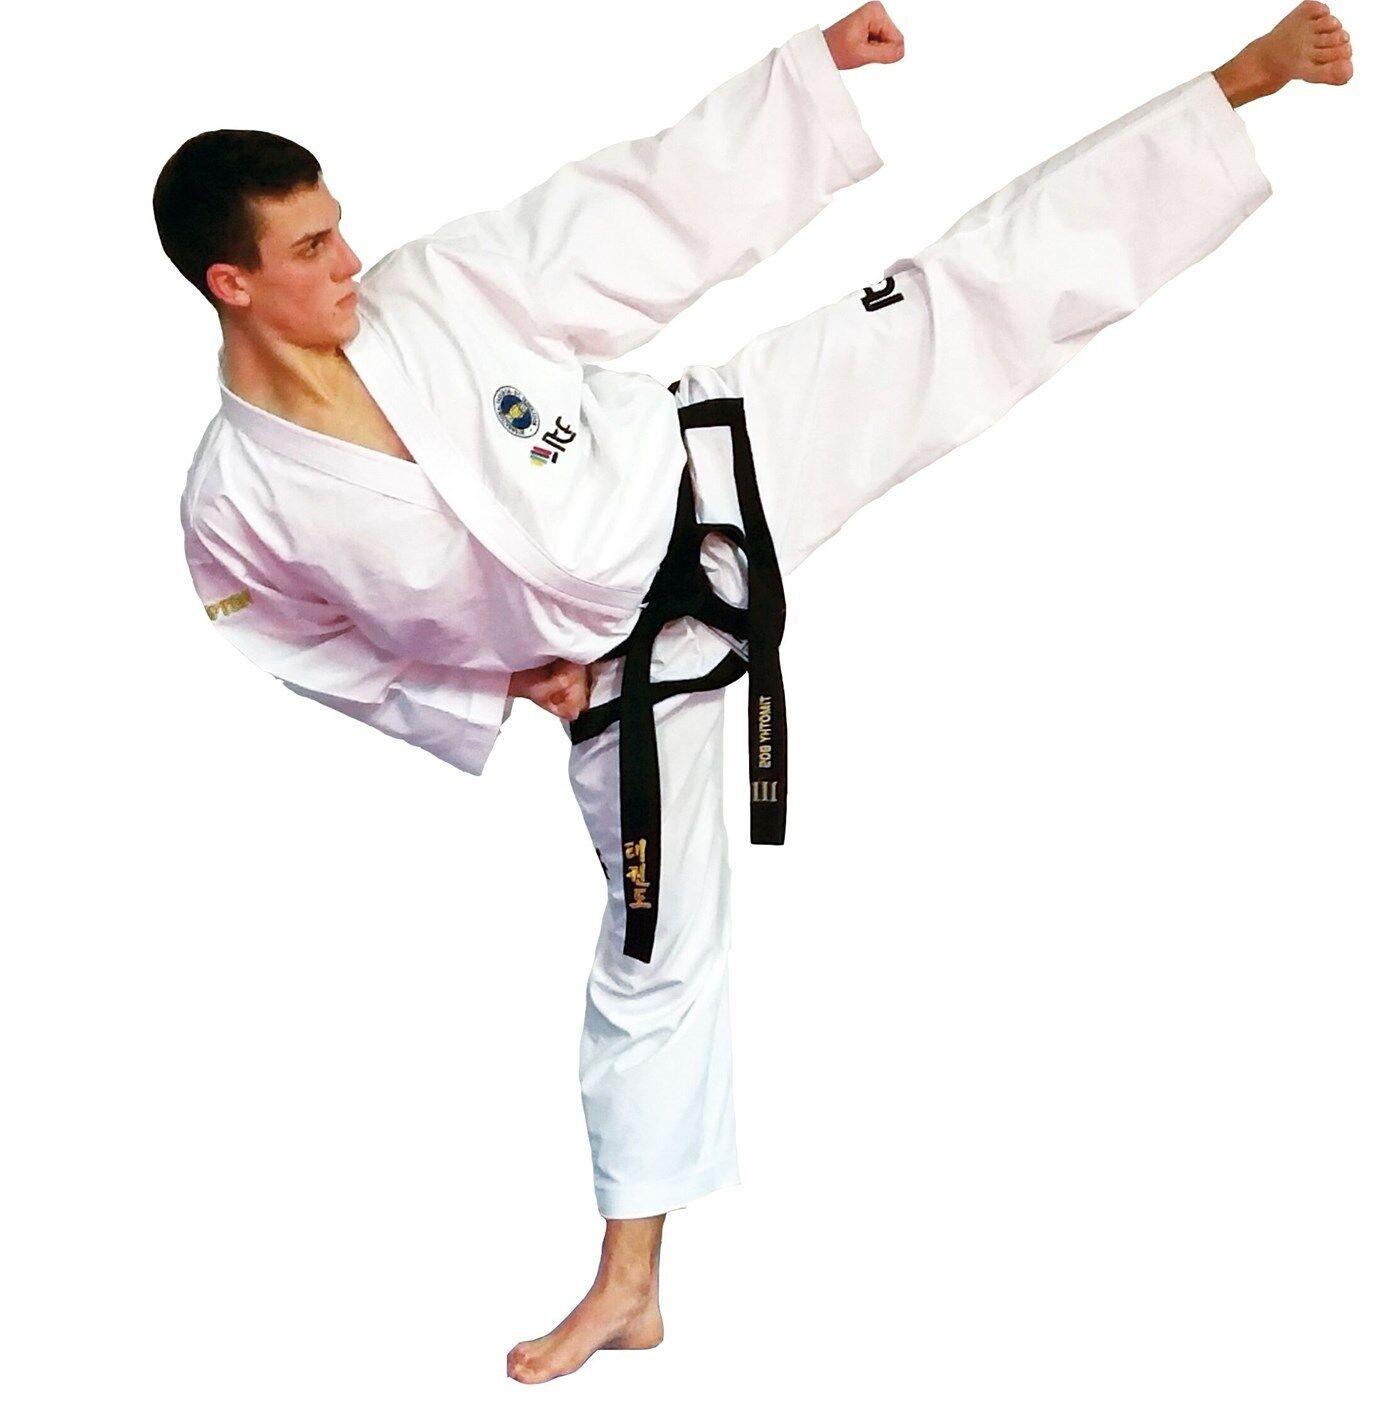 Top Ten- Taekwondo Master Dobok. 160-200cm. Taekwondoanzug. Taekwondoanzug. Taekwondoanzug. Mischgewebe.  | Genialität  | Realistisch  | Qualitativ Hochwertiges Produkt  d71de1